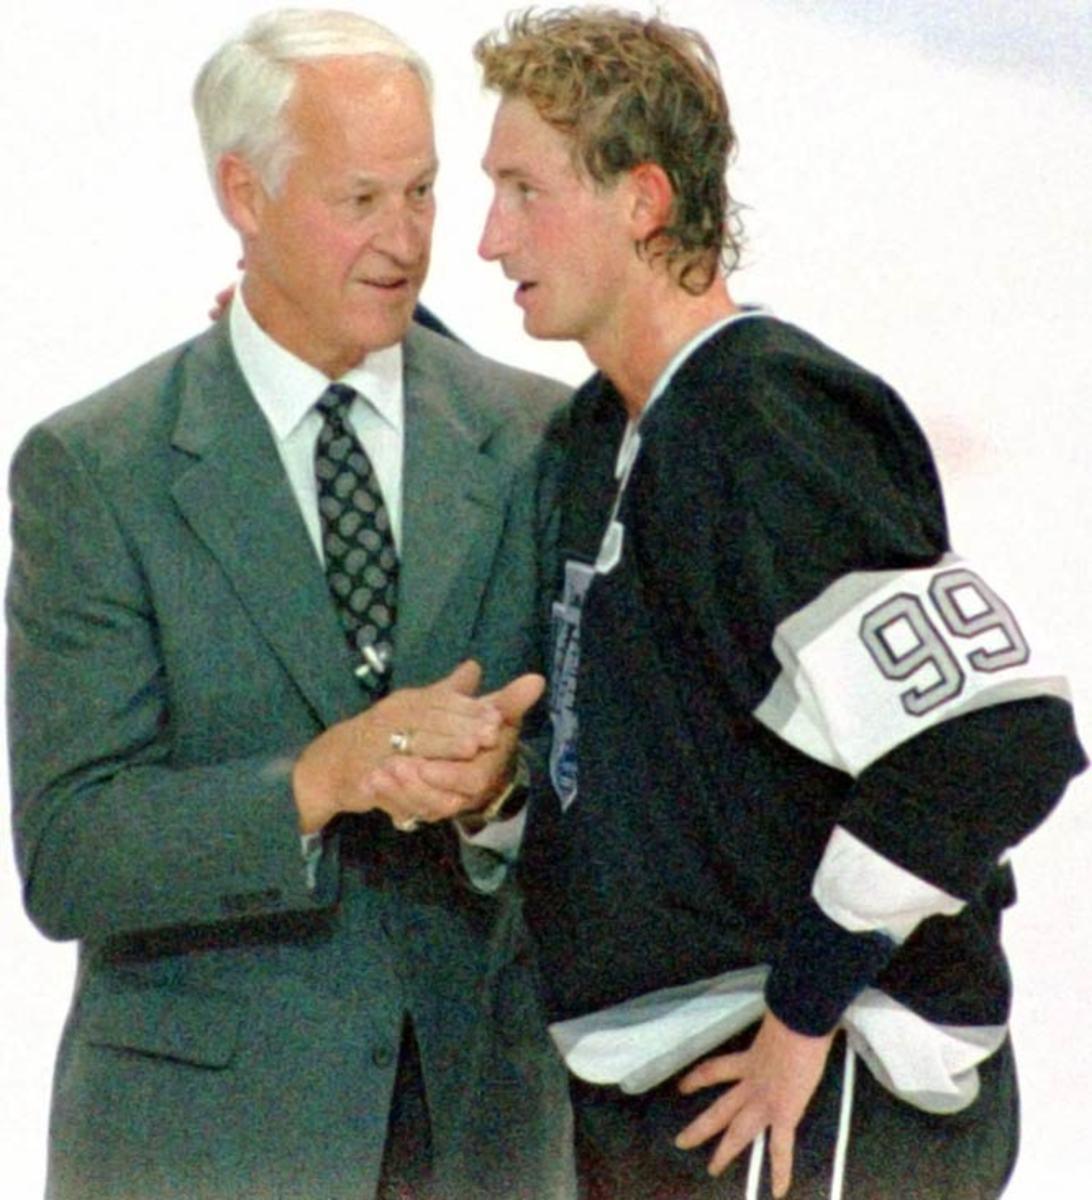 Wayne Gretzky passes Gordie Howe